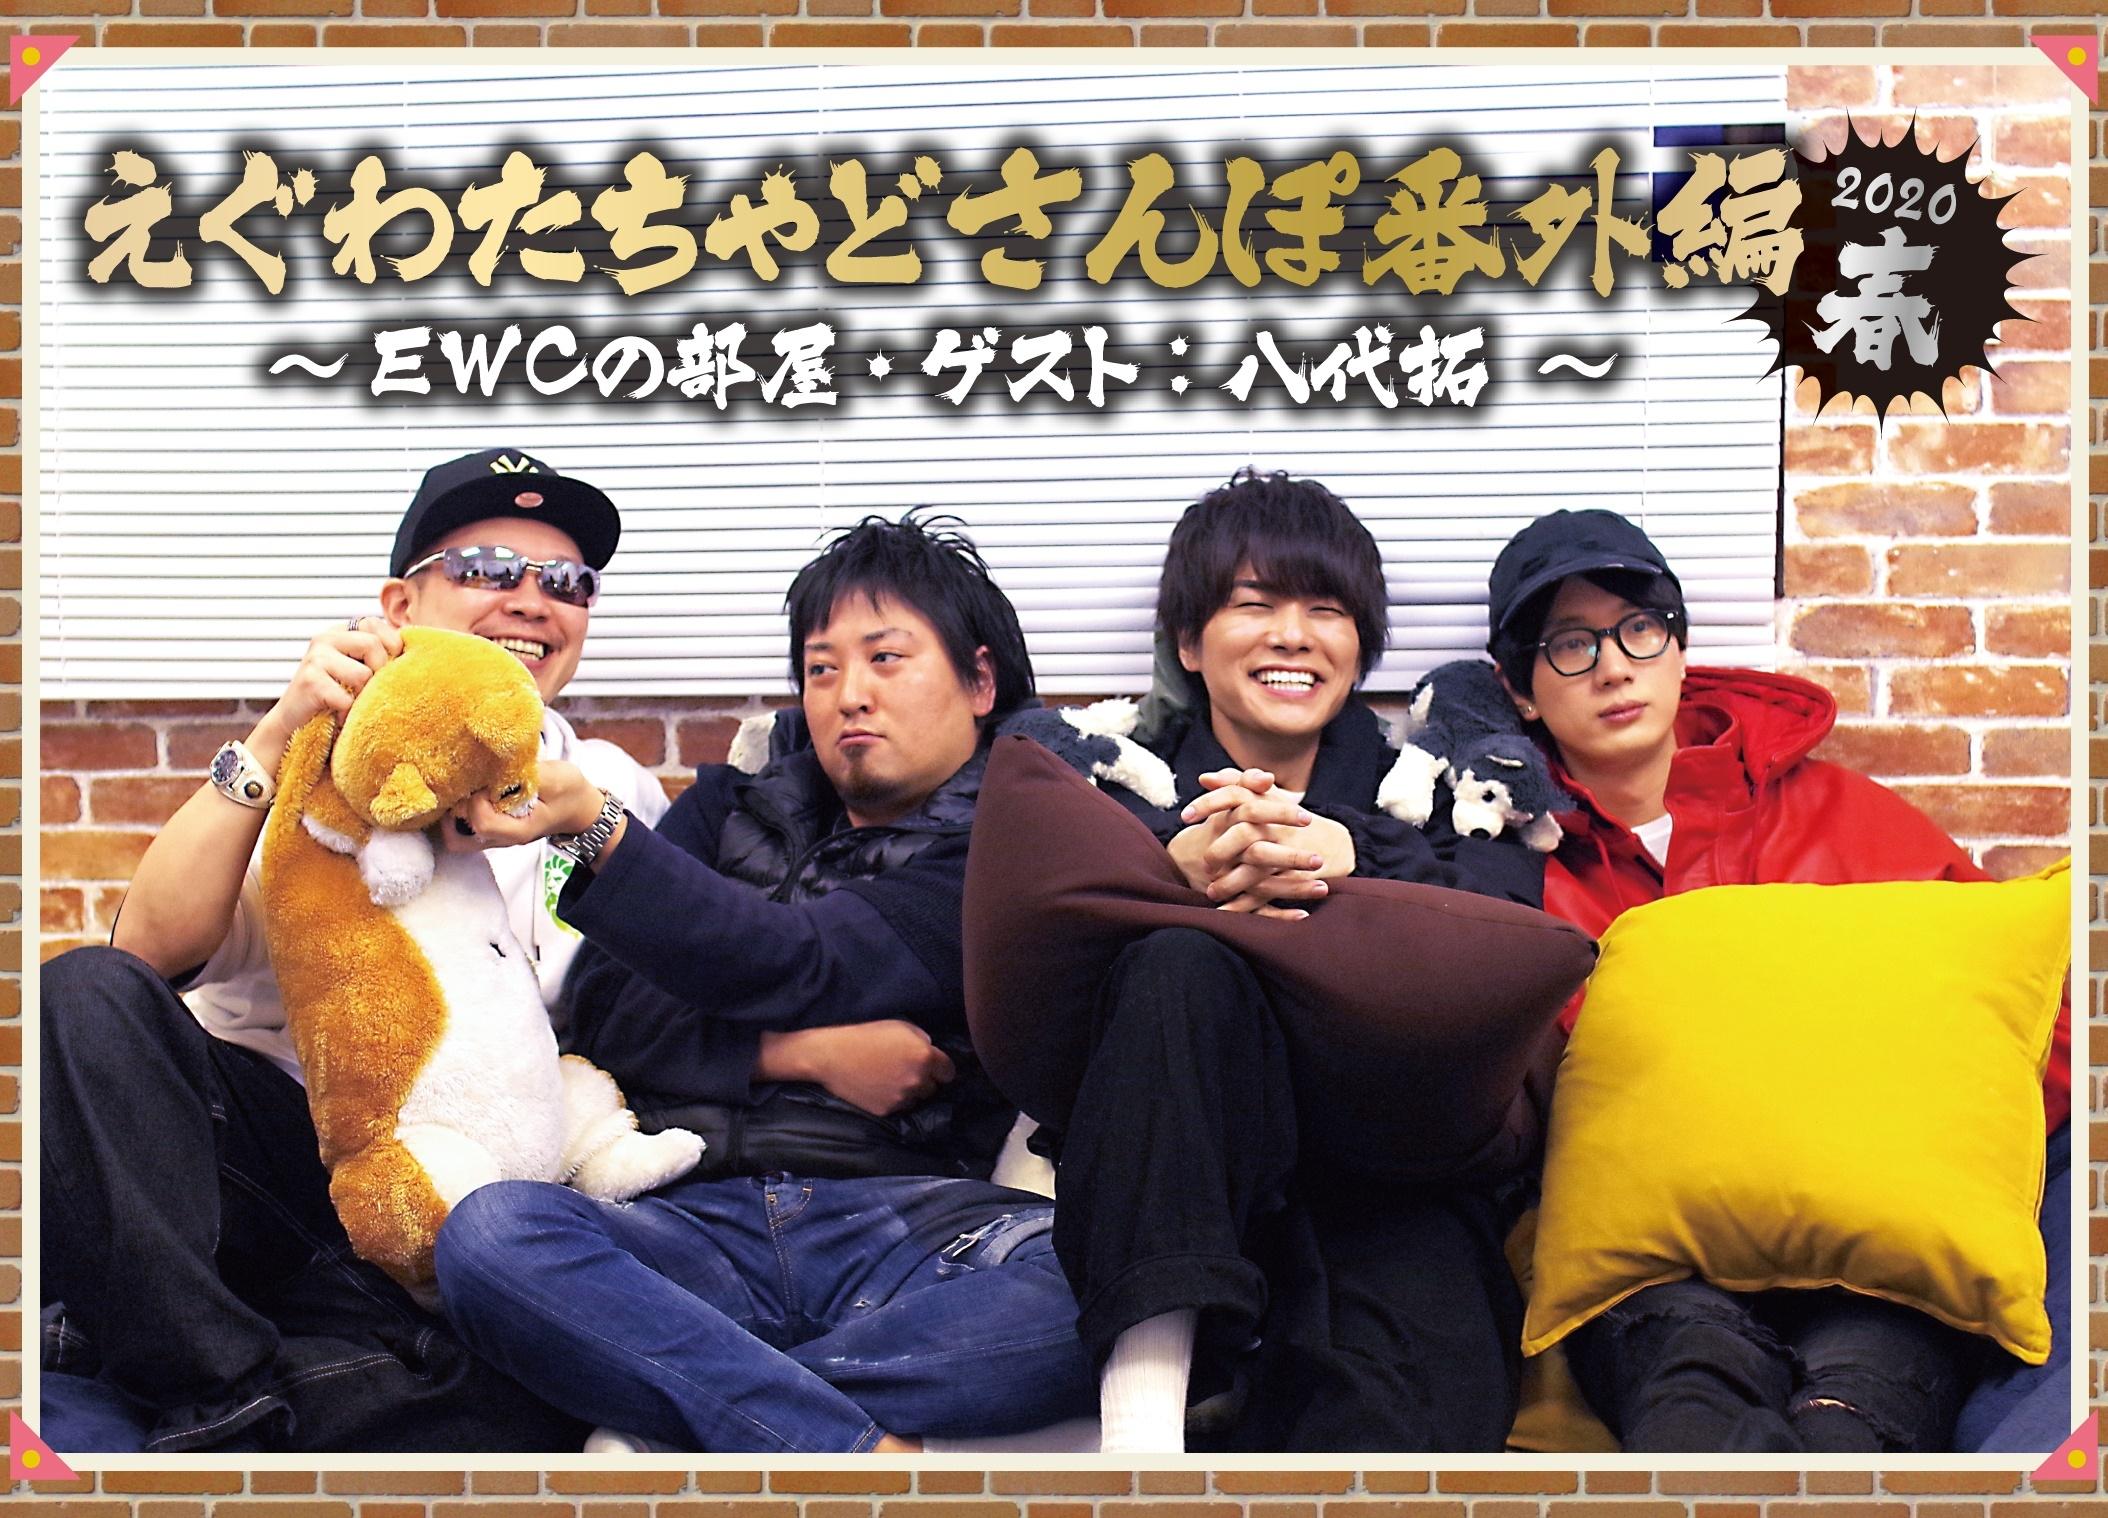 「えぐわたちゃどさんぽ番外編・2020春」DVD最新作がアニメイトで発売